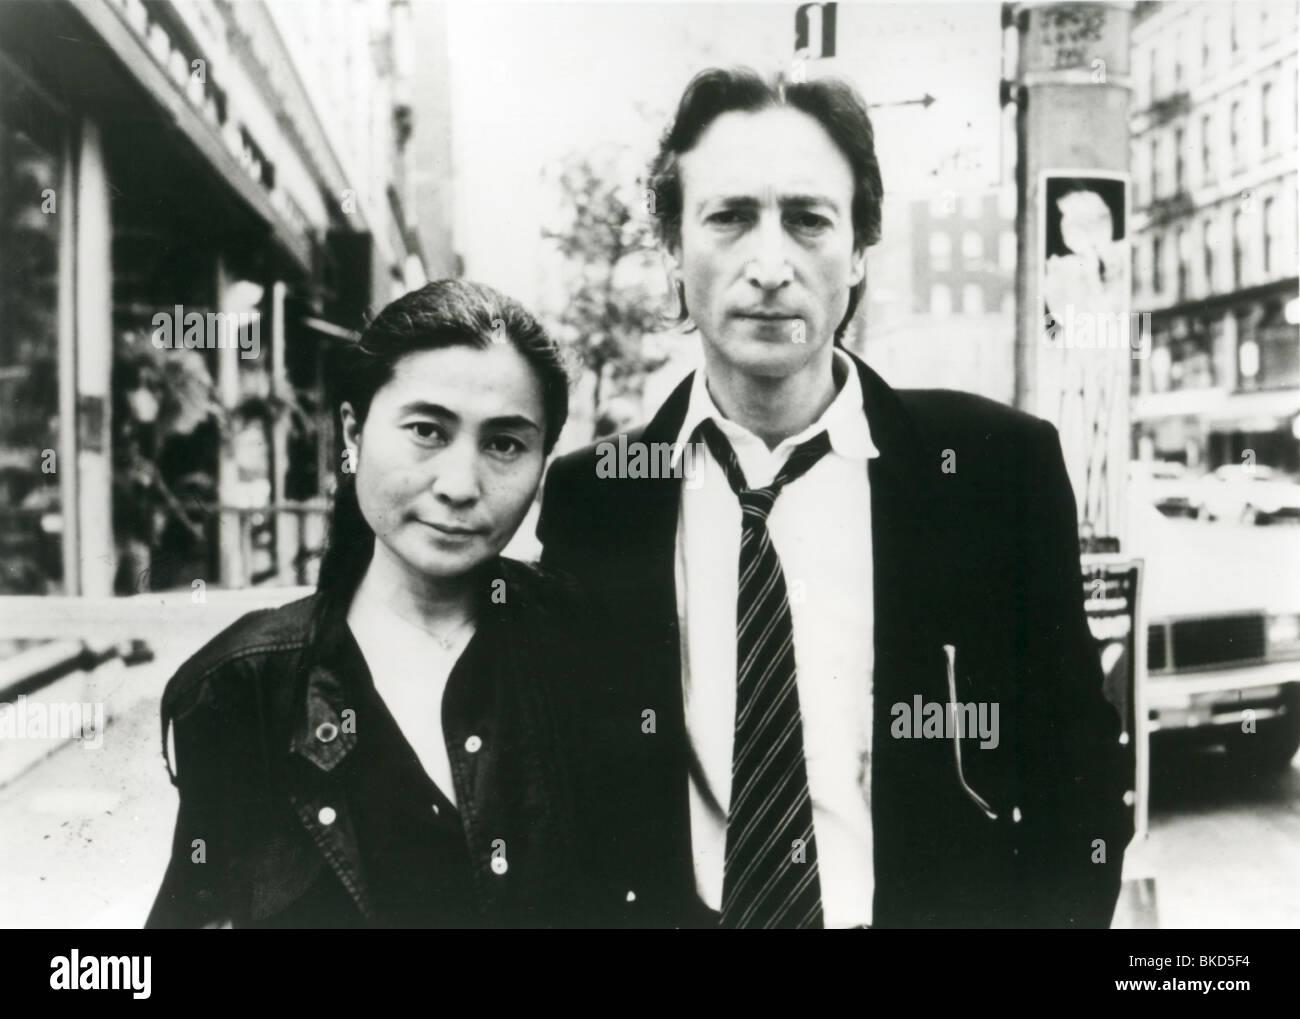 IMAGINE - John Lennon (1988) Yoko Ono, JOHN LENNON IMJL 008P Foto de stock